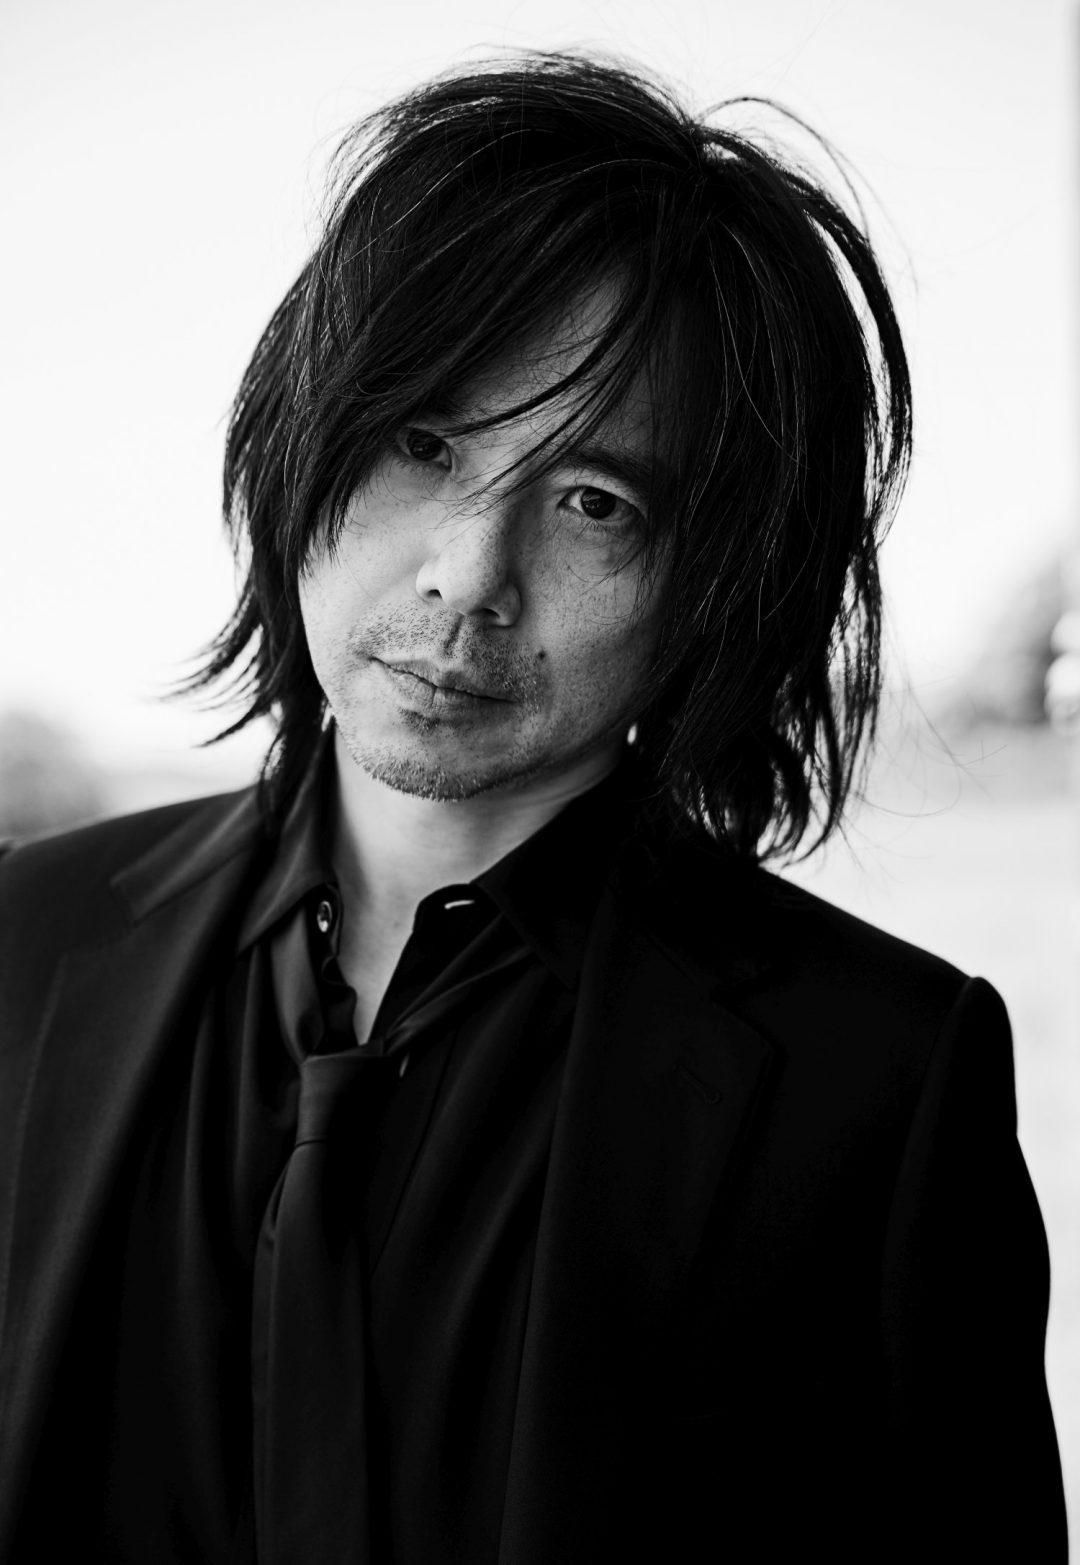 哀愁漂うメロディーと魂の歌声が響く宮本浩次の書き下ろし楽曲が主題歌に Huluオリジナル『死神さん』予告映像が公開